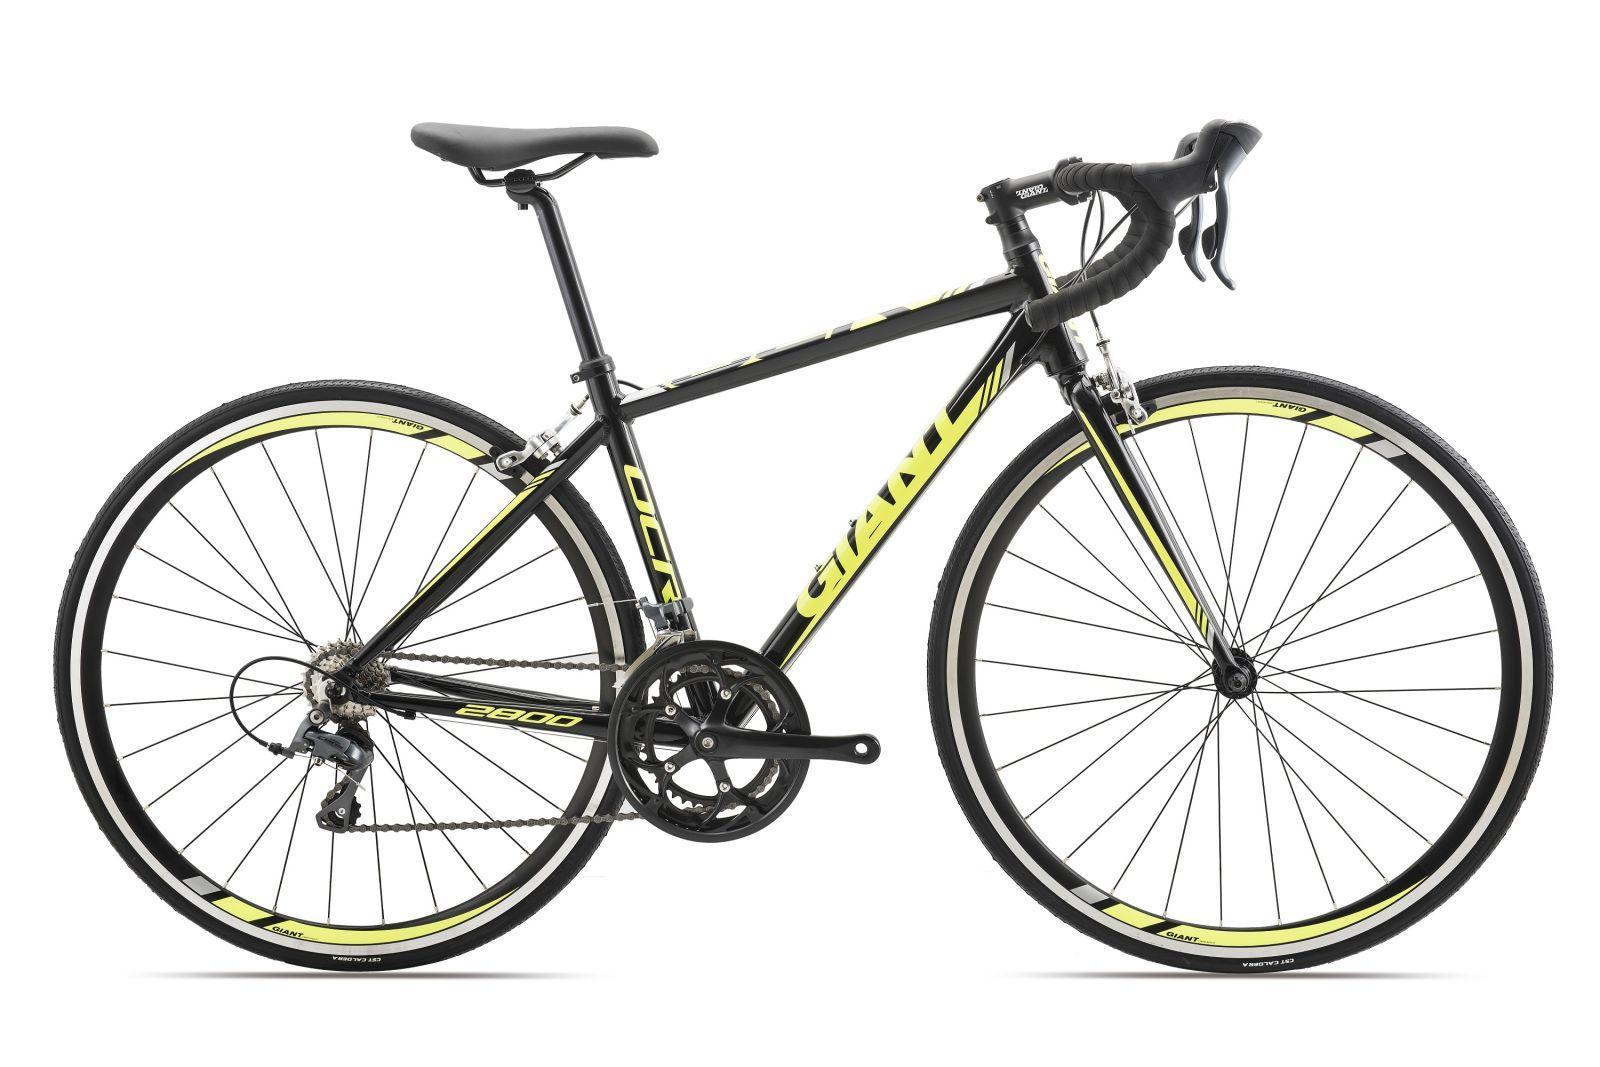 Xe đạp đua GIANT 2017 OCR 2800 đen xanh lá